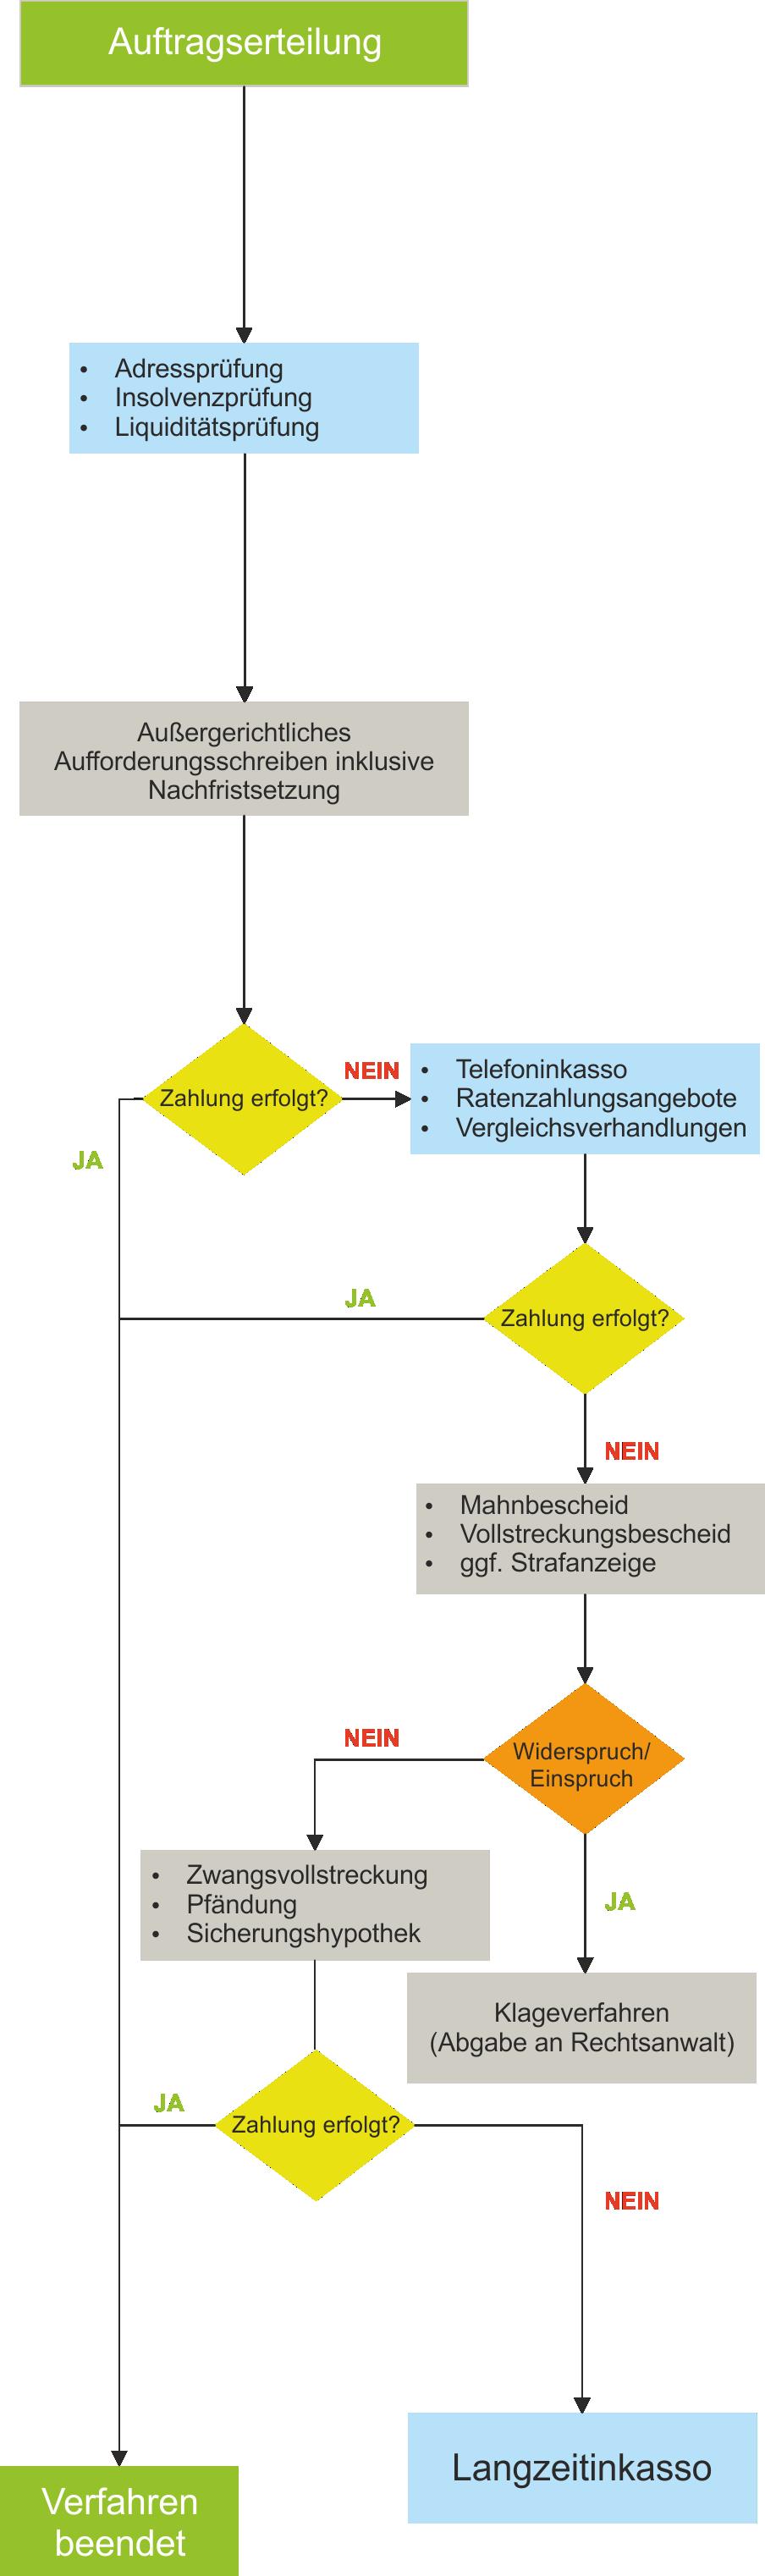 Ausgezeichnet Immunsystem Flussdiagramm Fotos - Anatomie Von ...